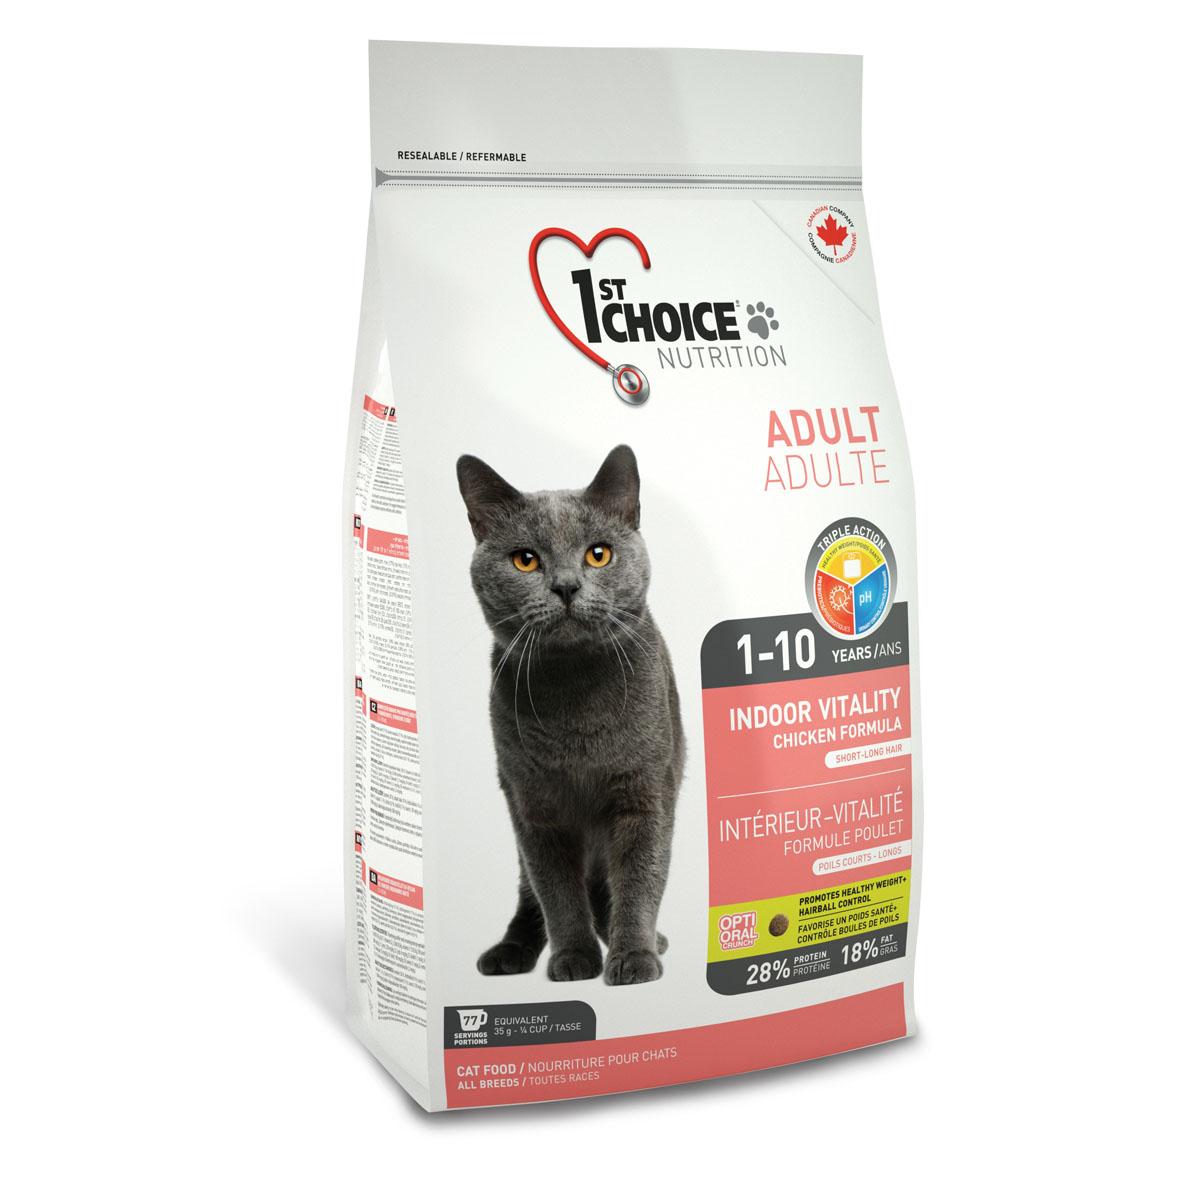 Корм сухой 1st Choice Adult для живущих в помещении взрослых кошек, с курицей, 350 г56663Корм сухой 1st Choice Adult - идеальная формула для домашних кошек со специальными тщательно отобранными ингредиентами. Помогает сохранить идеальную кондицию и оптимальный вес. Идеальный рН-баланс для здоровья мочевыделительной системы. Содержит экстракт юкки Шидигера, которая связывает аммиак и уменьшает запах экскрементов.Состав: свежая курица 17%, мука из мяса курицы 17%, рис, гороховый протеин, куриный жир, сохраненный смесью натуральных токоферолов (витамин Е), мякоть свеклы, коричневый рис, специально обработанные ядра ячменя и овса, сушеное яйцо, гидролизат куриной печени, цельное семя льна, жир лосося, сушеная мякоть томата, клетчатка гороха, калия хлорид, лецитин, кальция карбонат, холина хлорид, соль, кальция пропионат, натрия бисульфат, таурин, DL- метионин, L-лизин, экстракт дрожжей (источник маннан-олигосахаридов), железа сульфат, аскорбиновая кислота (витамин С), экстракт цикория (источник инулина), цинка оксид, натрия селенит, альфа-токоферол ацетат (витамин Е), никотиновая кислота, экстракт юкки Шидигера, кальция иодат, марганца оксид, L-карнитин, D-кальция пантотенат, тиамина мононитрат, рибофлавин, пиридоксина гидрохлорид, витамин А, холекальциферол (витамин Д3), биотин, сушеная мята (0,01%), сушеная петрушка 0,01%, экстракт зеленого чая 0,01%, цинка протеинат, витамин В12, кобальта карбонат, фолиевая кислота, марганца протеинат, меди протеинат. Гарантированный анализ: сырой протеин мин. 28%, сырой жир мин.1 8%, сырая клетчатка макс. 3%, влага макс. 10%, зола макс. 8,5%, кальций мин. 1,1%, фосфор мин. 0,9%, марганец макс. 0,1%, витамин А мин. 34 000 МЕ/кг, витамин Д3 мин. 2 000 МЕ/кг, витамин Е мин. 150 МЕ/кг, таурин 2100 мг/кг, маннан-олигосахариды 1000 мг/кг, фрукто-олигосахариды 500 мг/кг. Энергетическая ценность корма: 440 ккал/100 г.Товар сертифицирован.